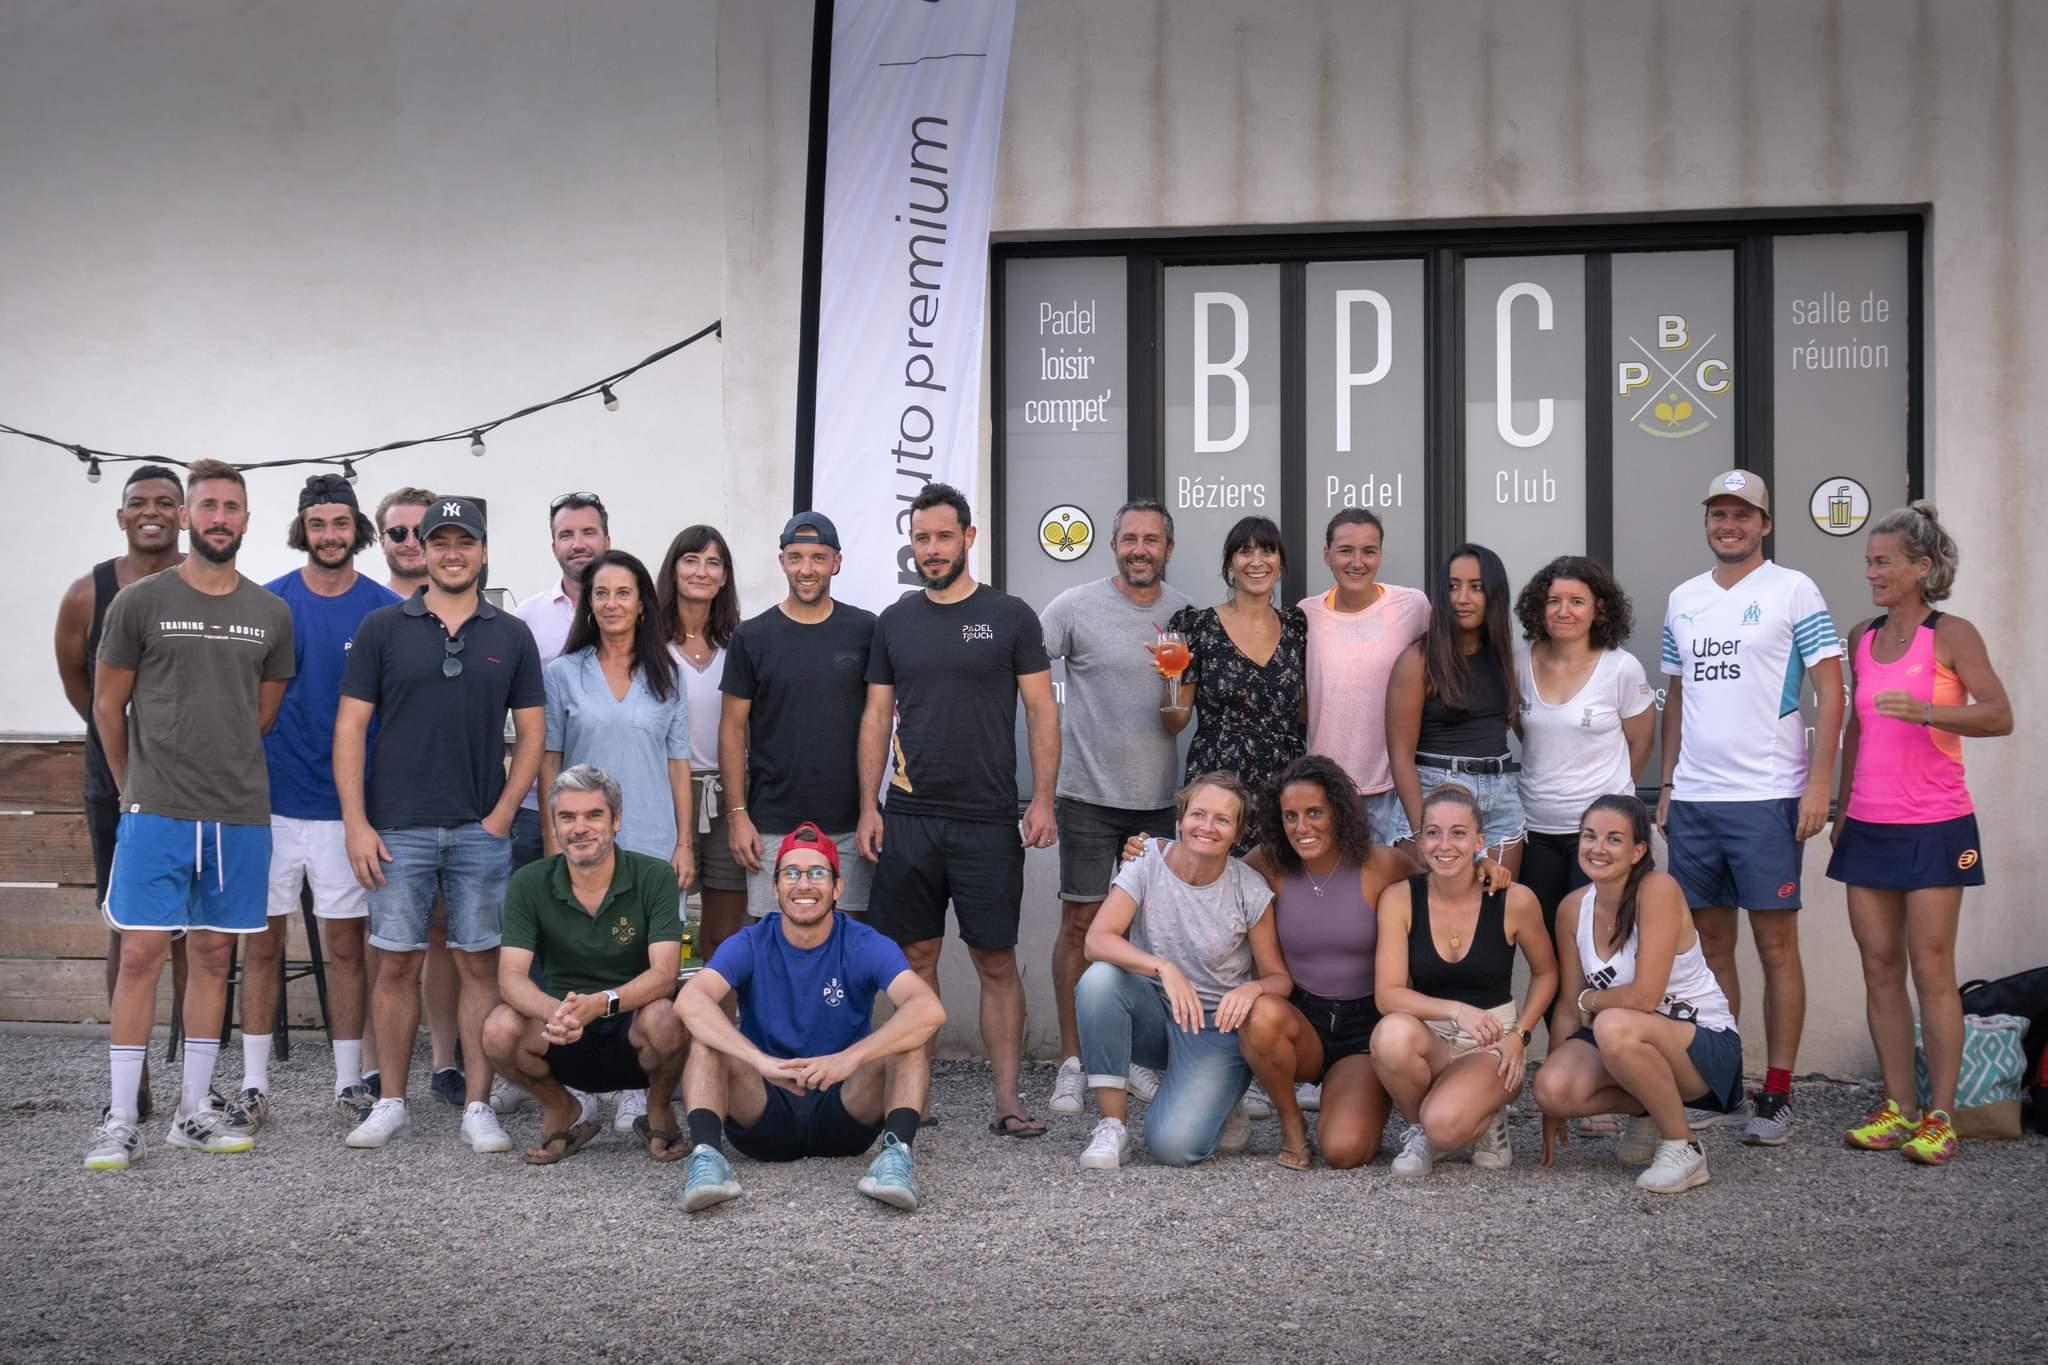 Béziers Padel Club: os resultados do P1000 H e do P500 F!